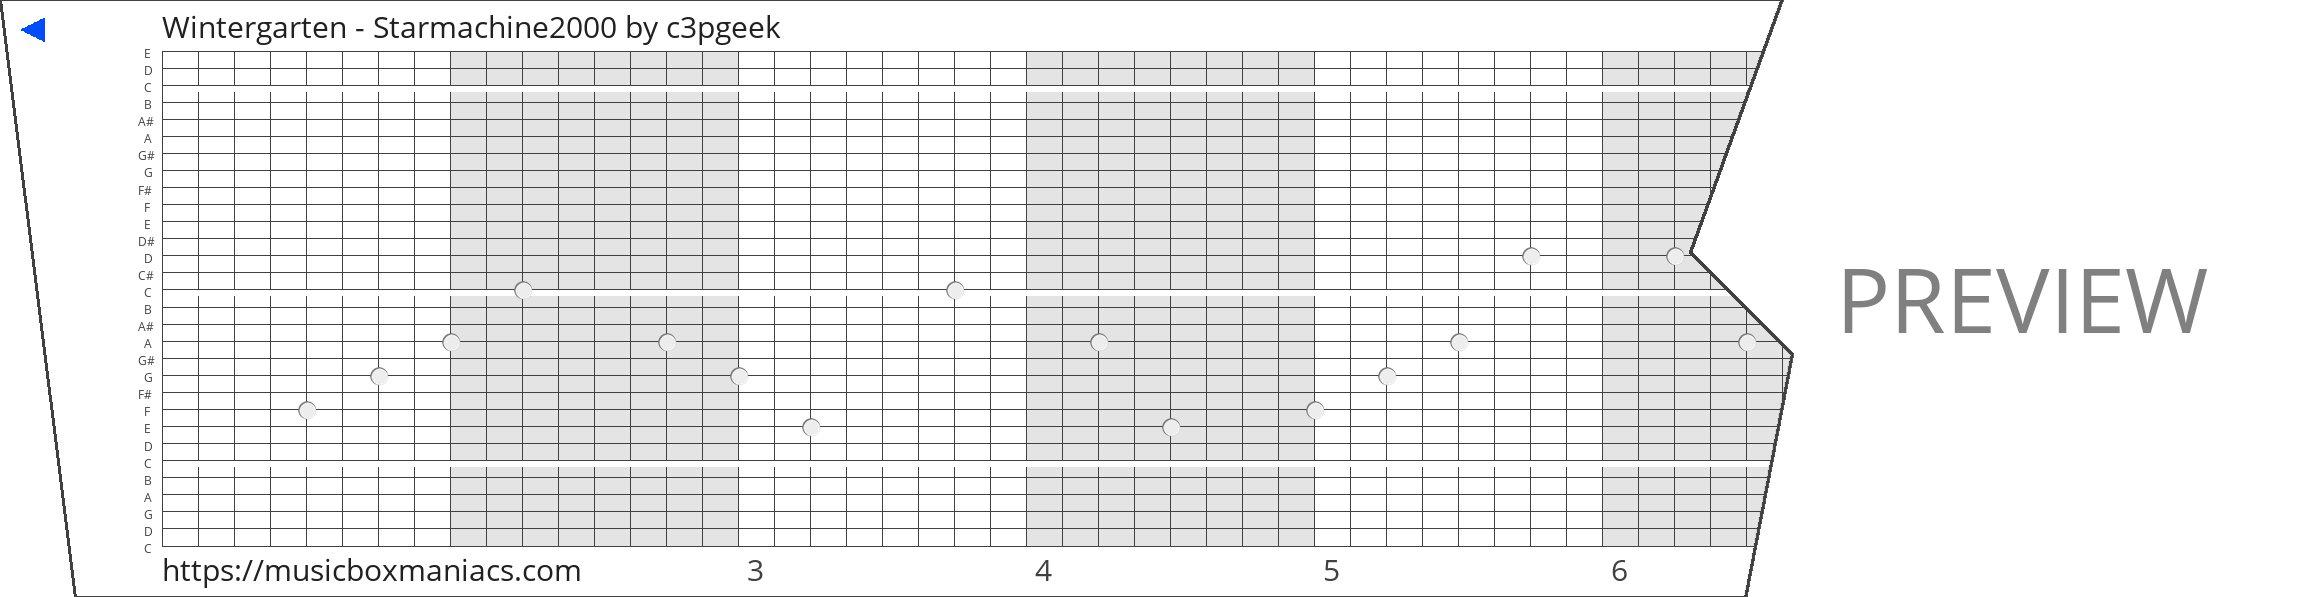 Wintergarten - Starmachine2000 30 note music box paper strip